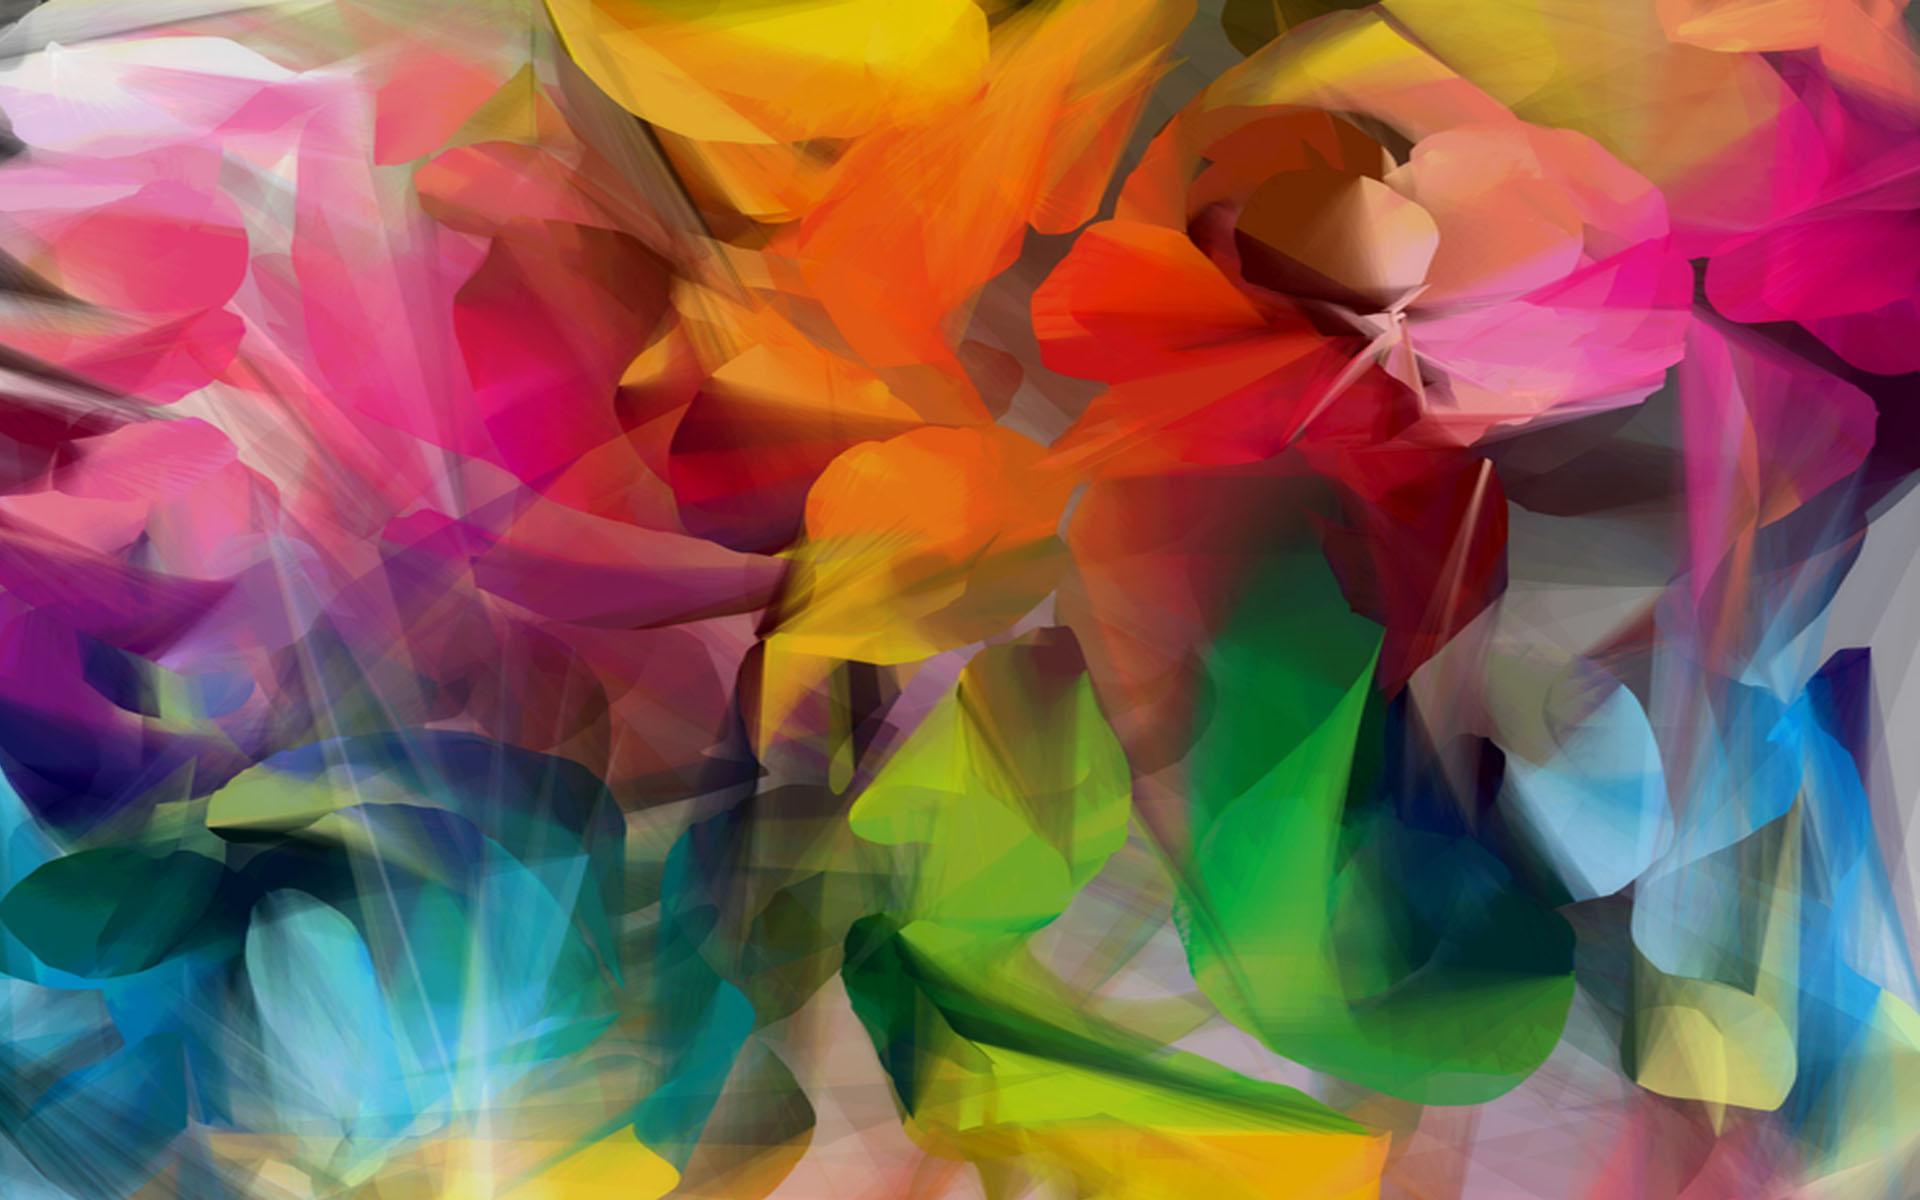 colorful art wallpaper 46190